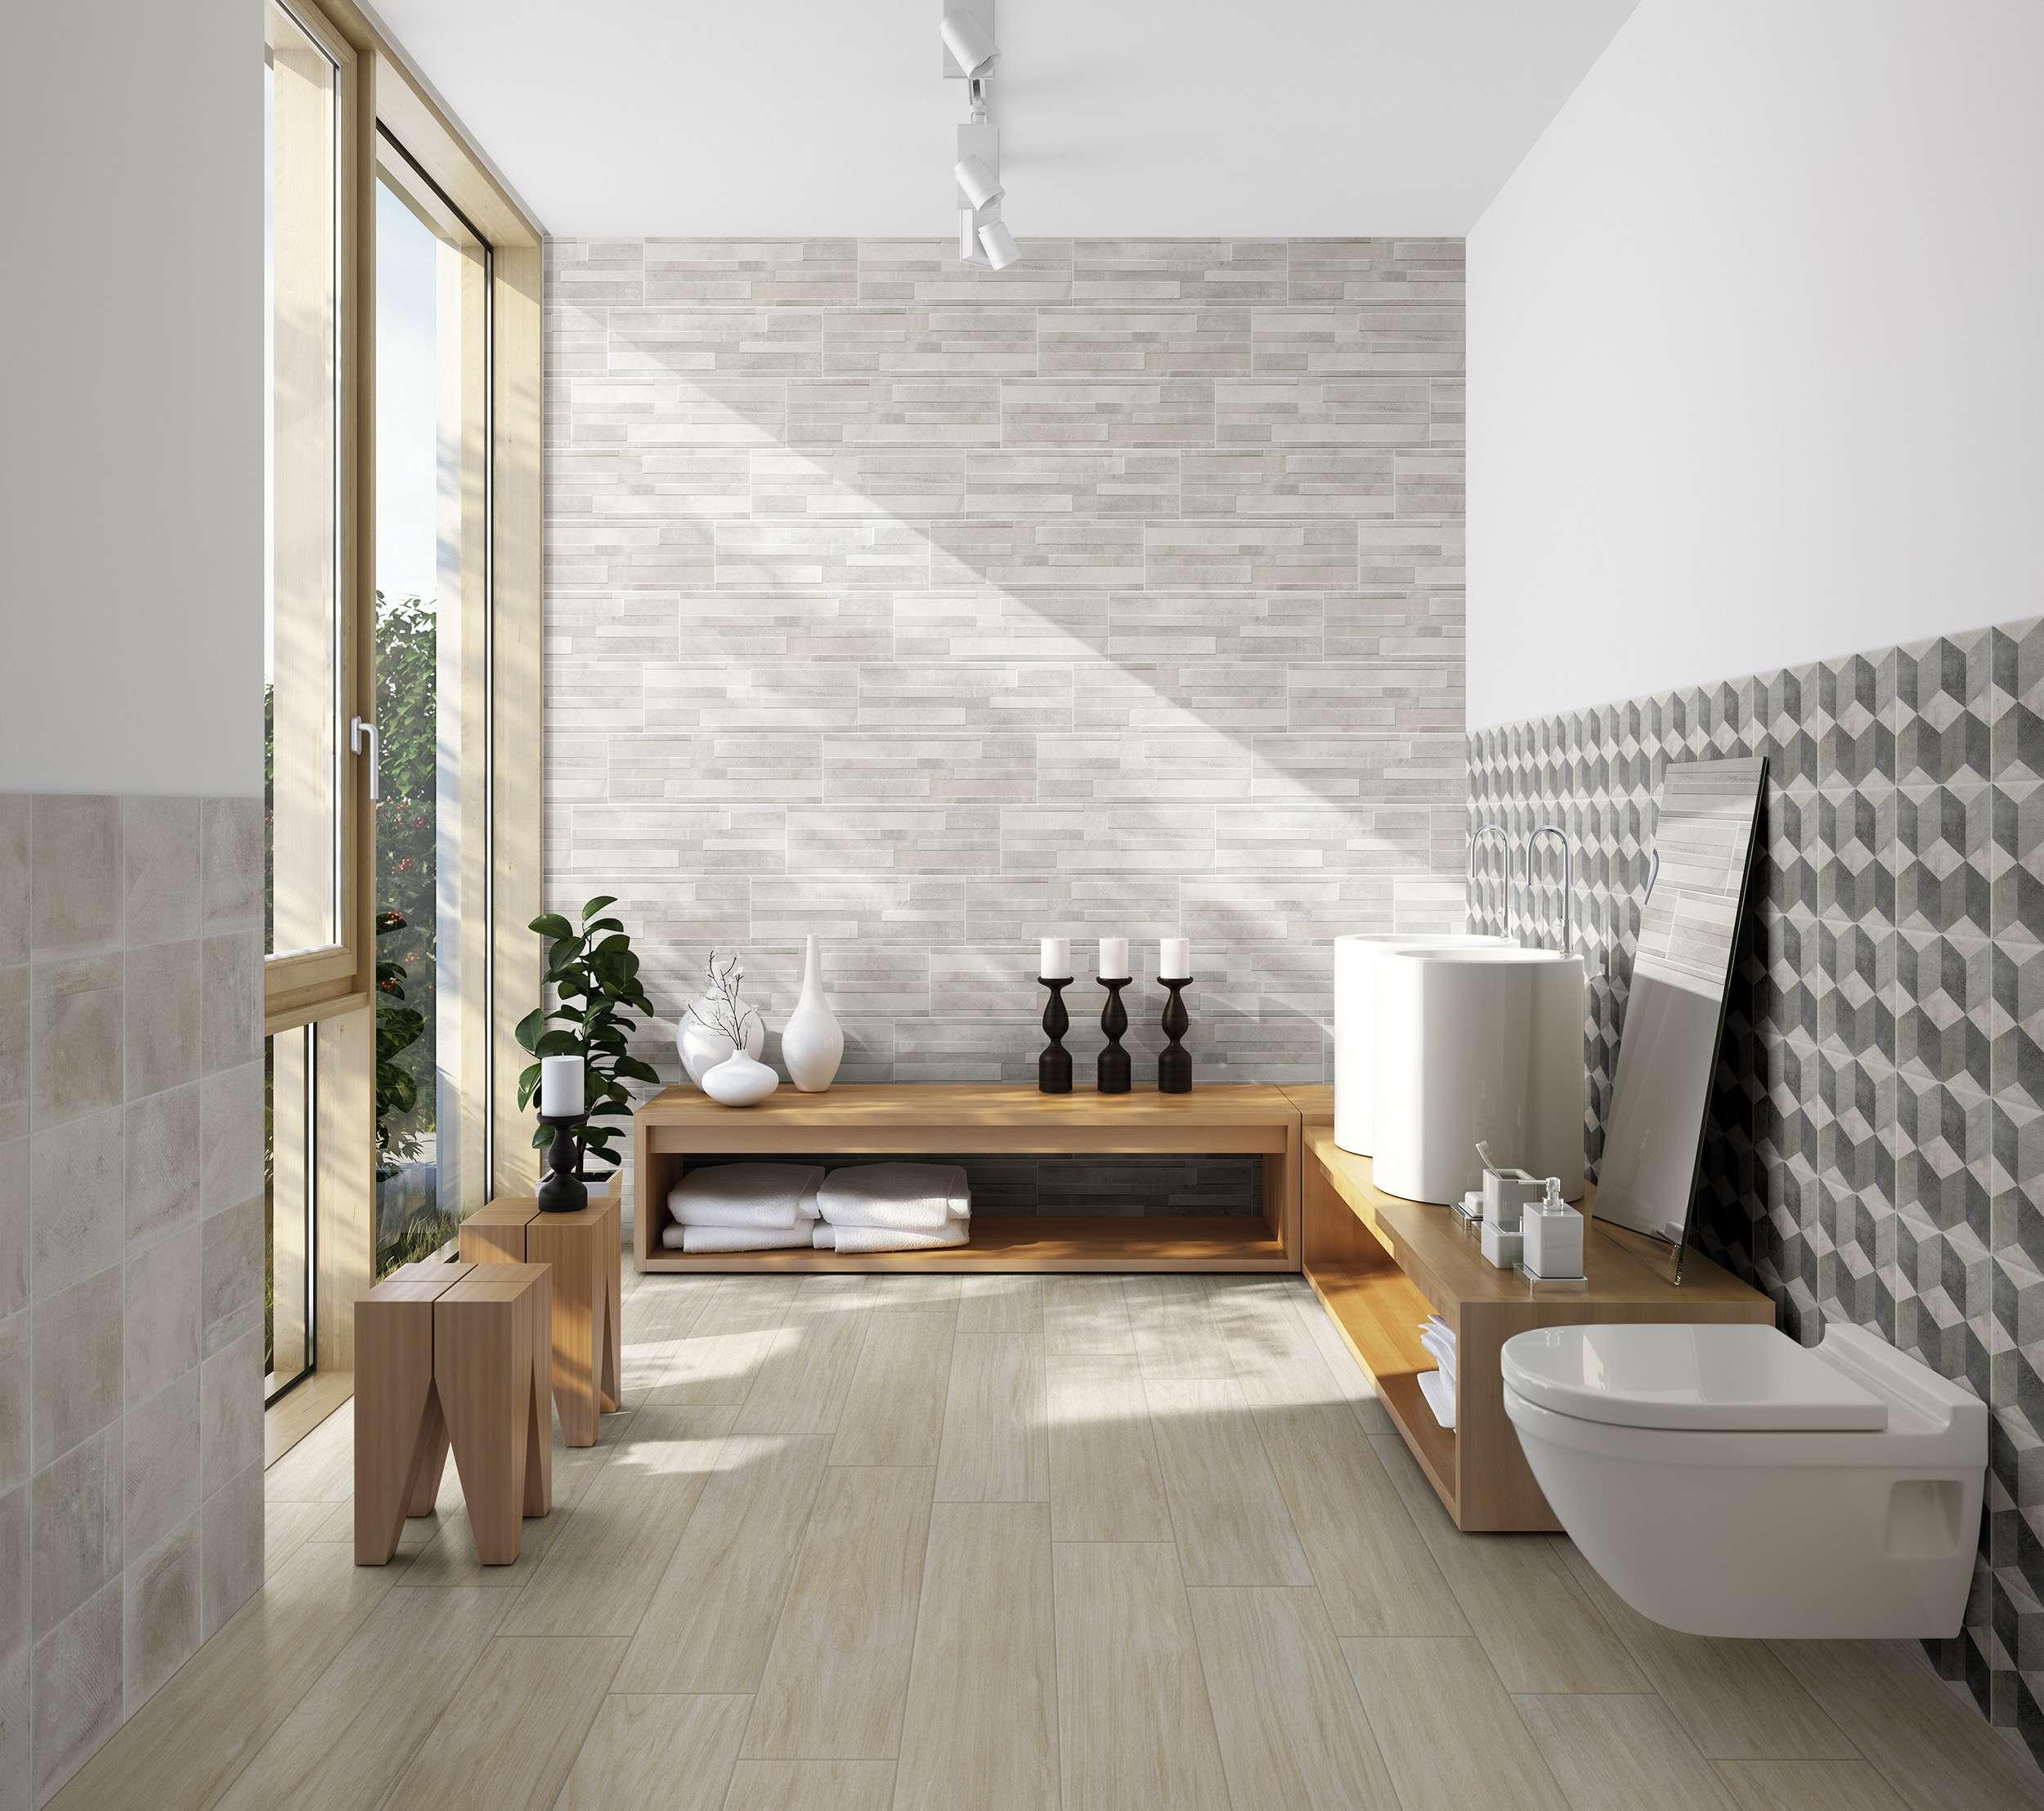 Atelier Muretto Bianco 20x60 20x60 Rivestimenti Gres Porcellanato